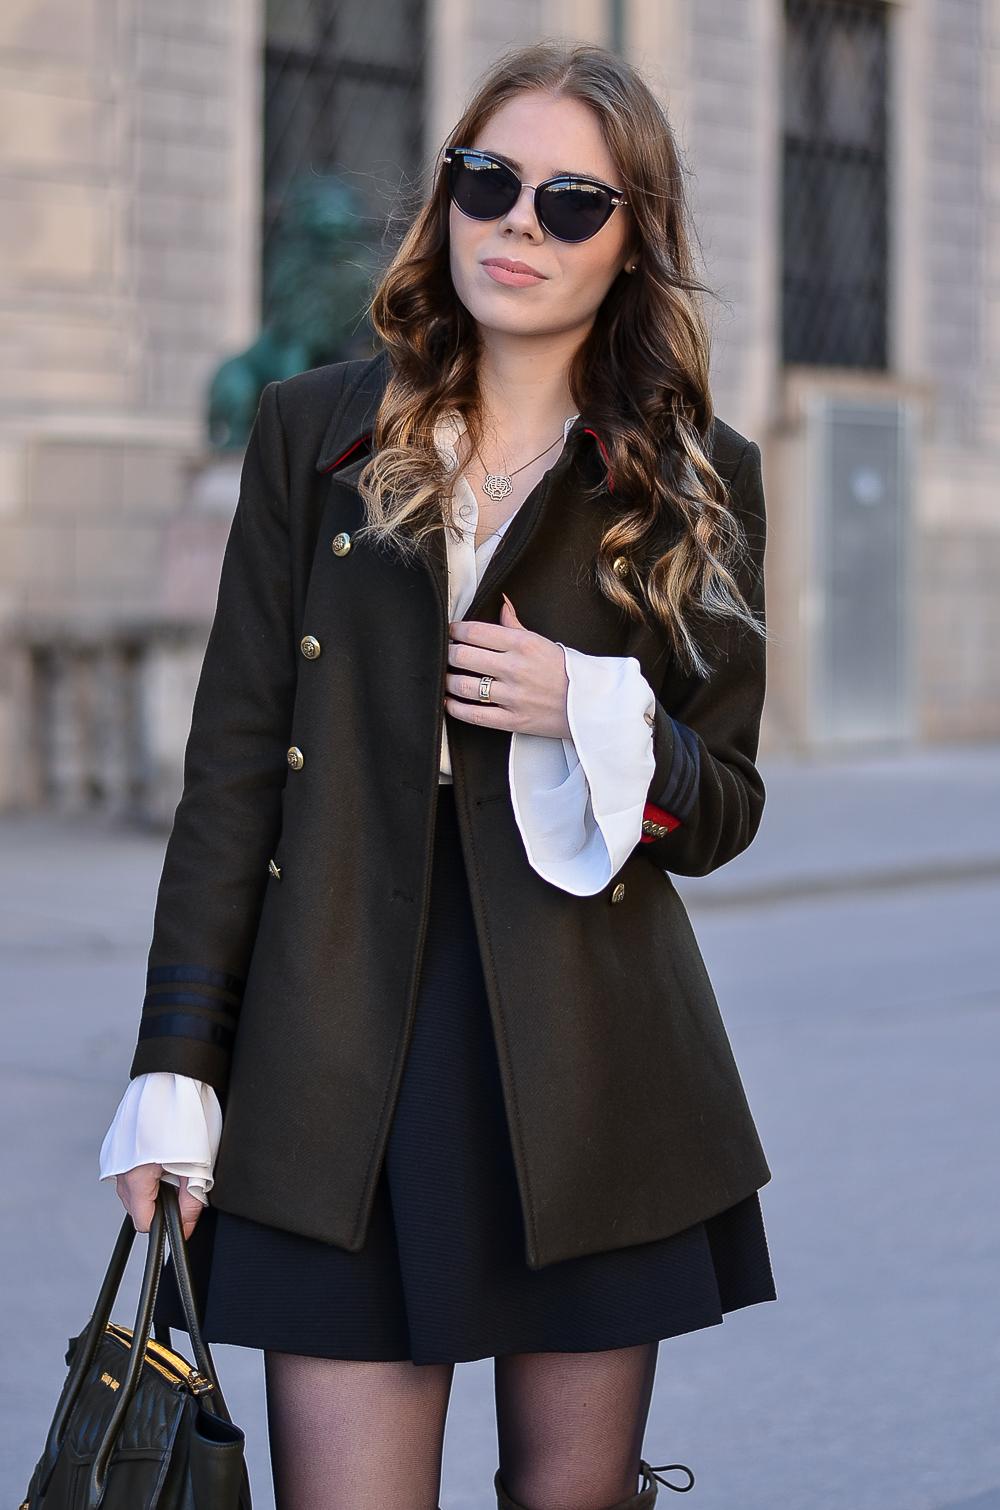 Khaki Military Jacke Zara-Knöpfe-Uniform Stil-Trompetenärmel-Sonnenbrille Asos-NUR DIE Strumpfhose